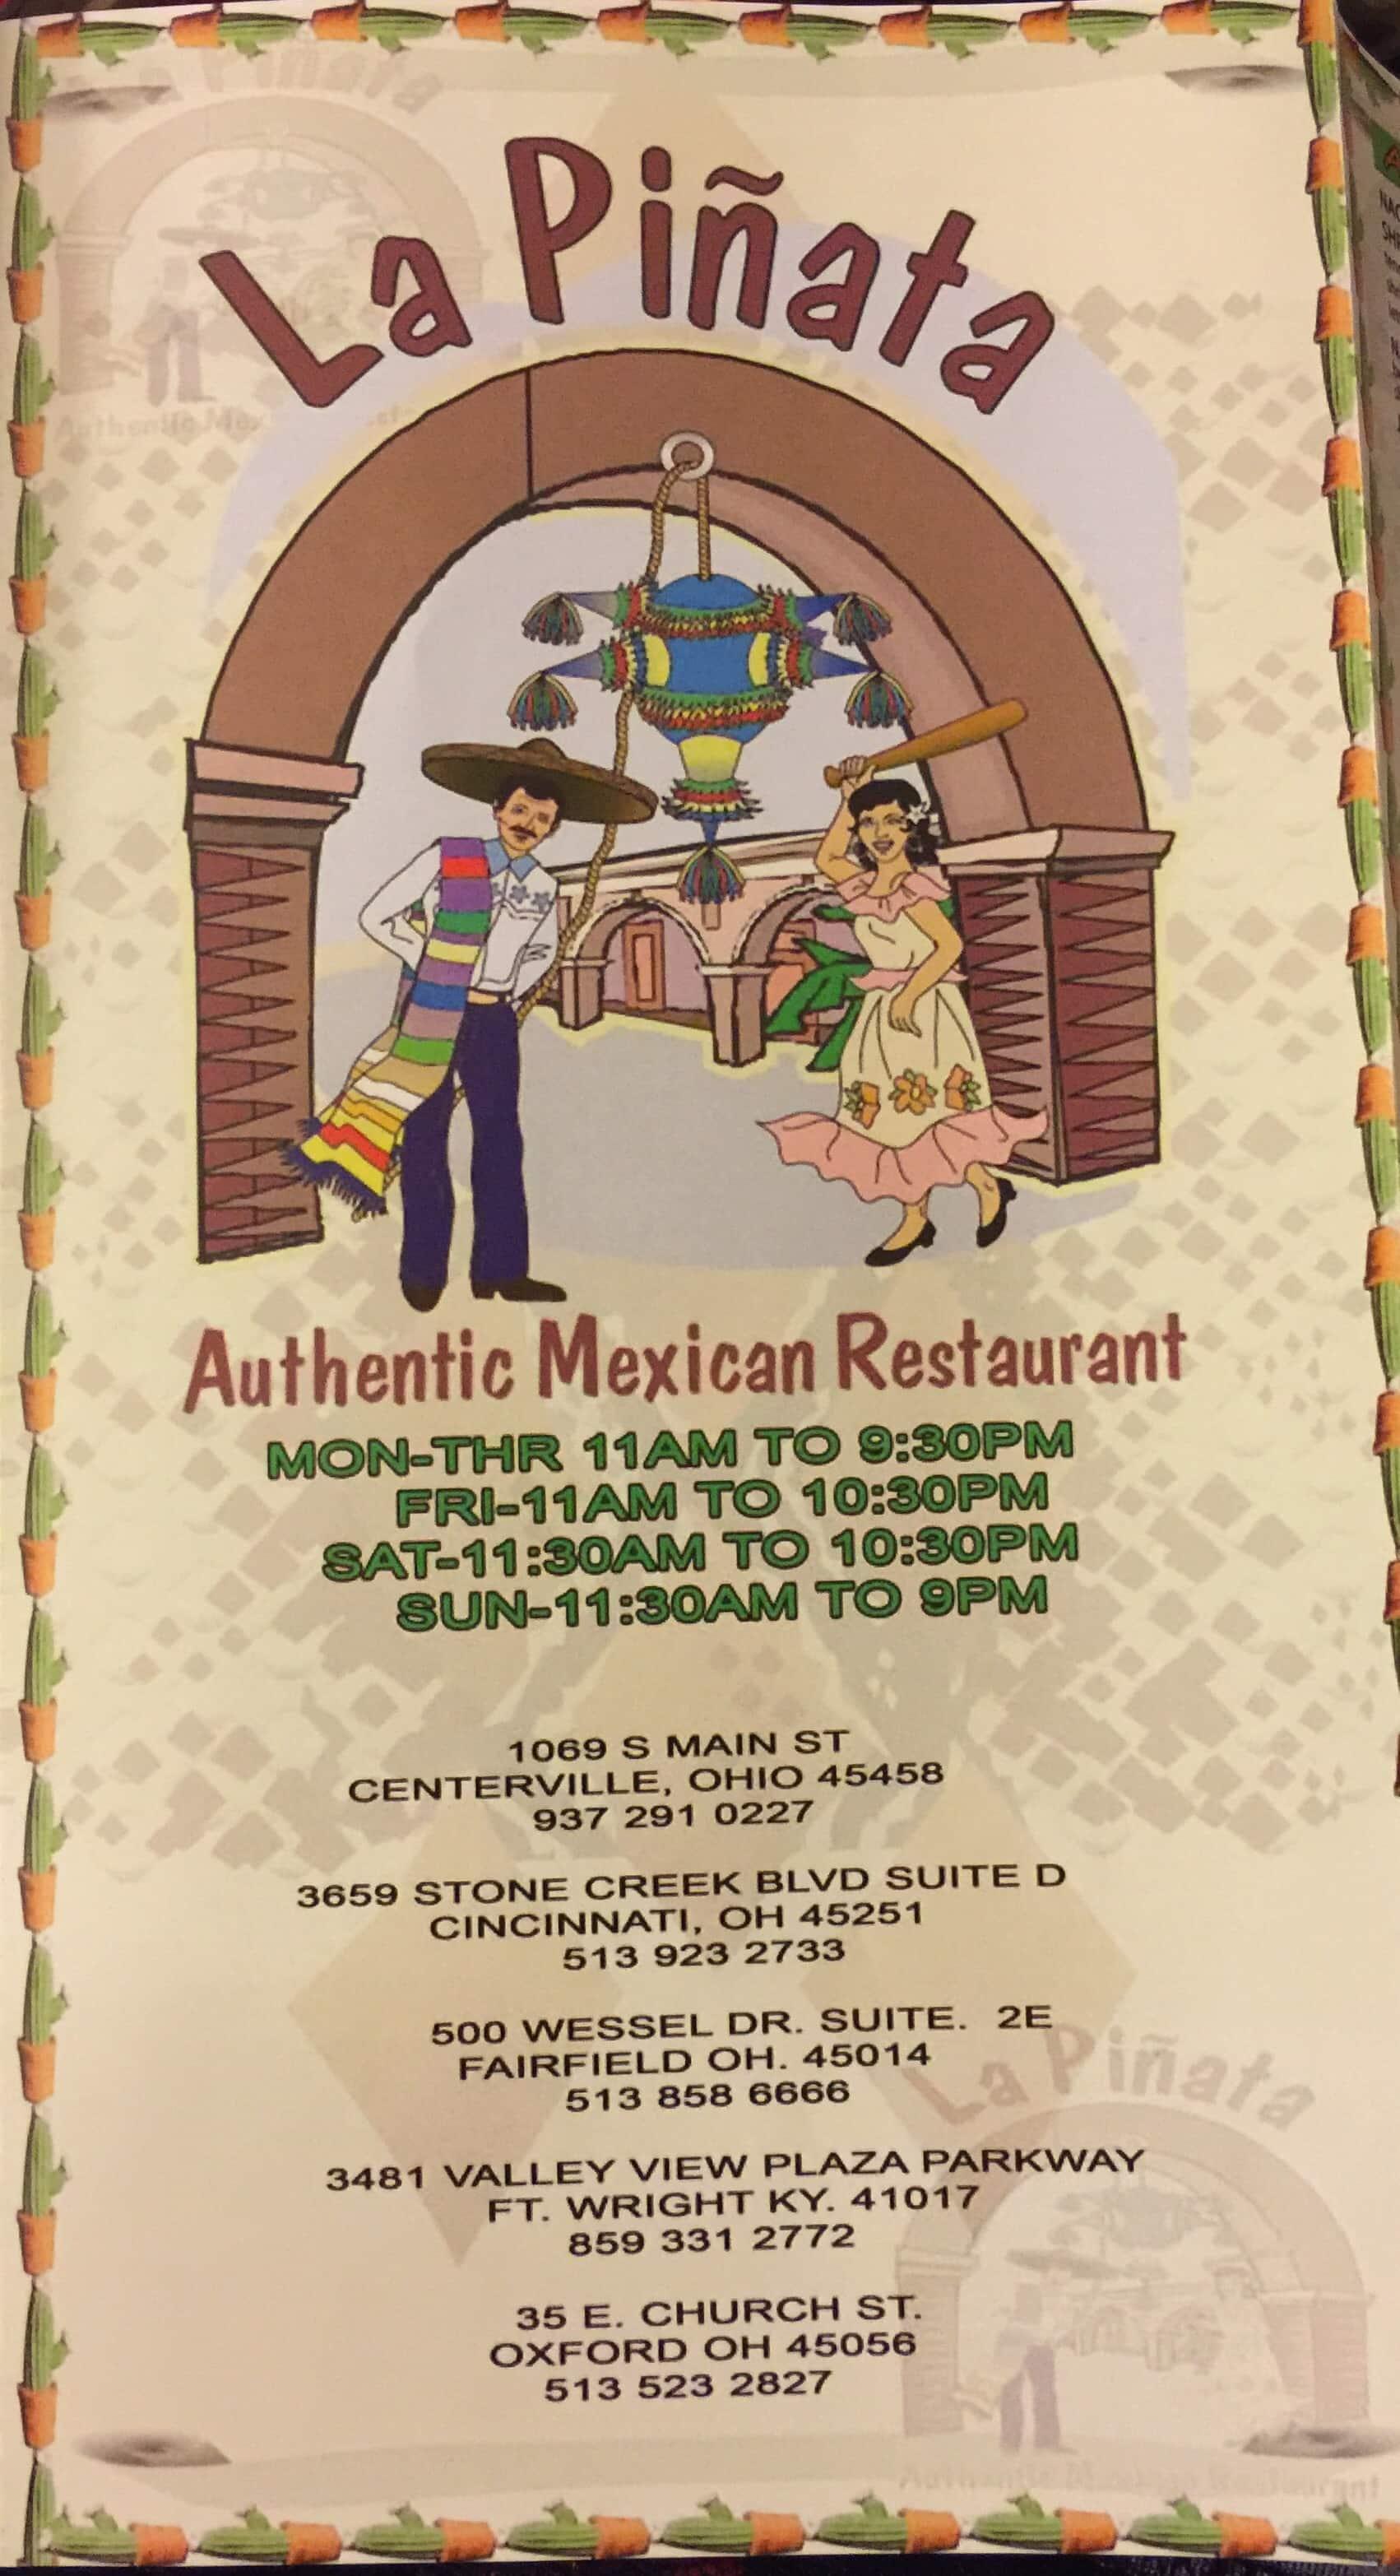 La Pinata Restaurant Colerain Township Menu